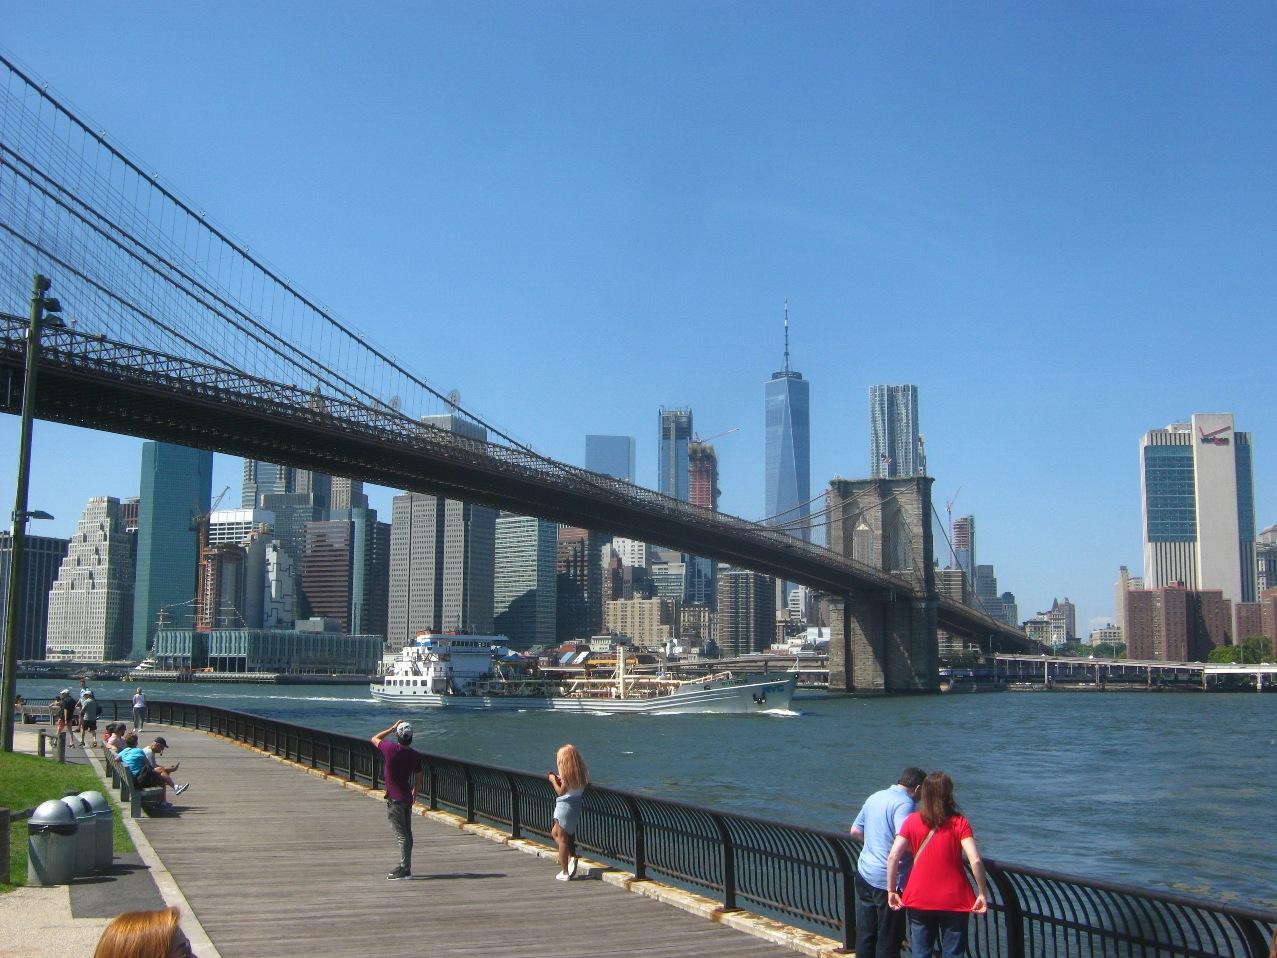 ブルックリン・ブリッジとロウアー・マンハッタンの高層ビル街。